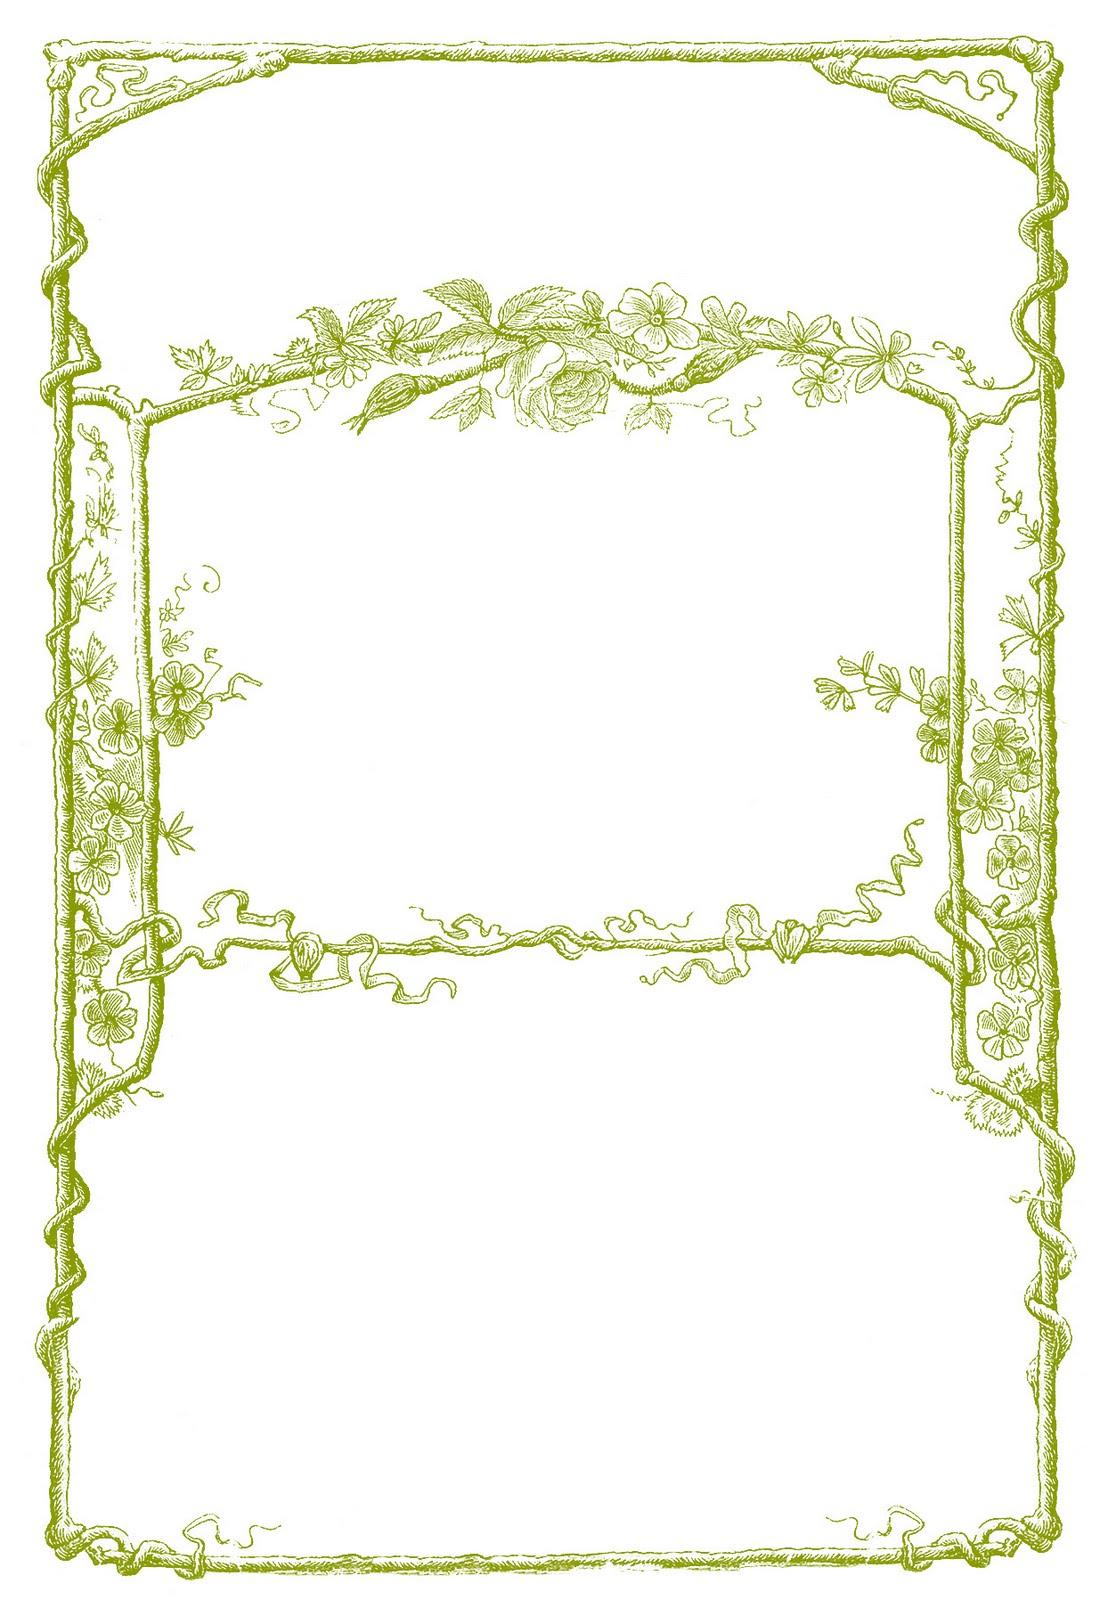 Vintage Clip Art - Amazing Faux Bois Frames - The Graphics Fairy